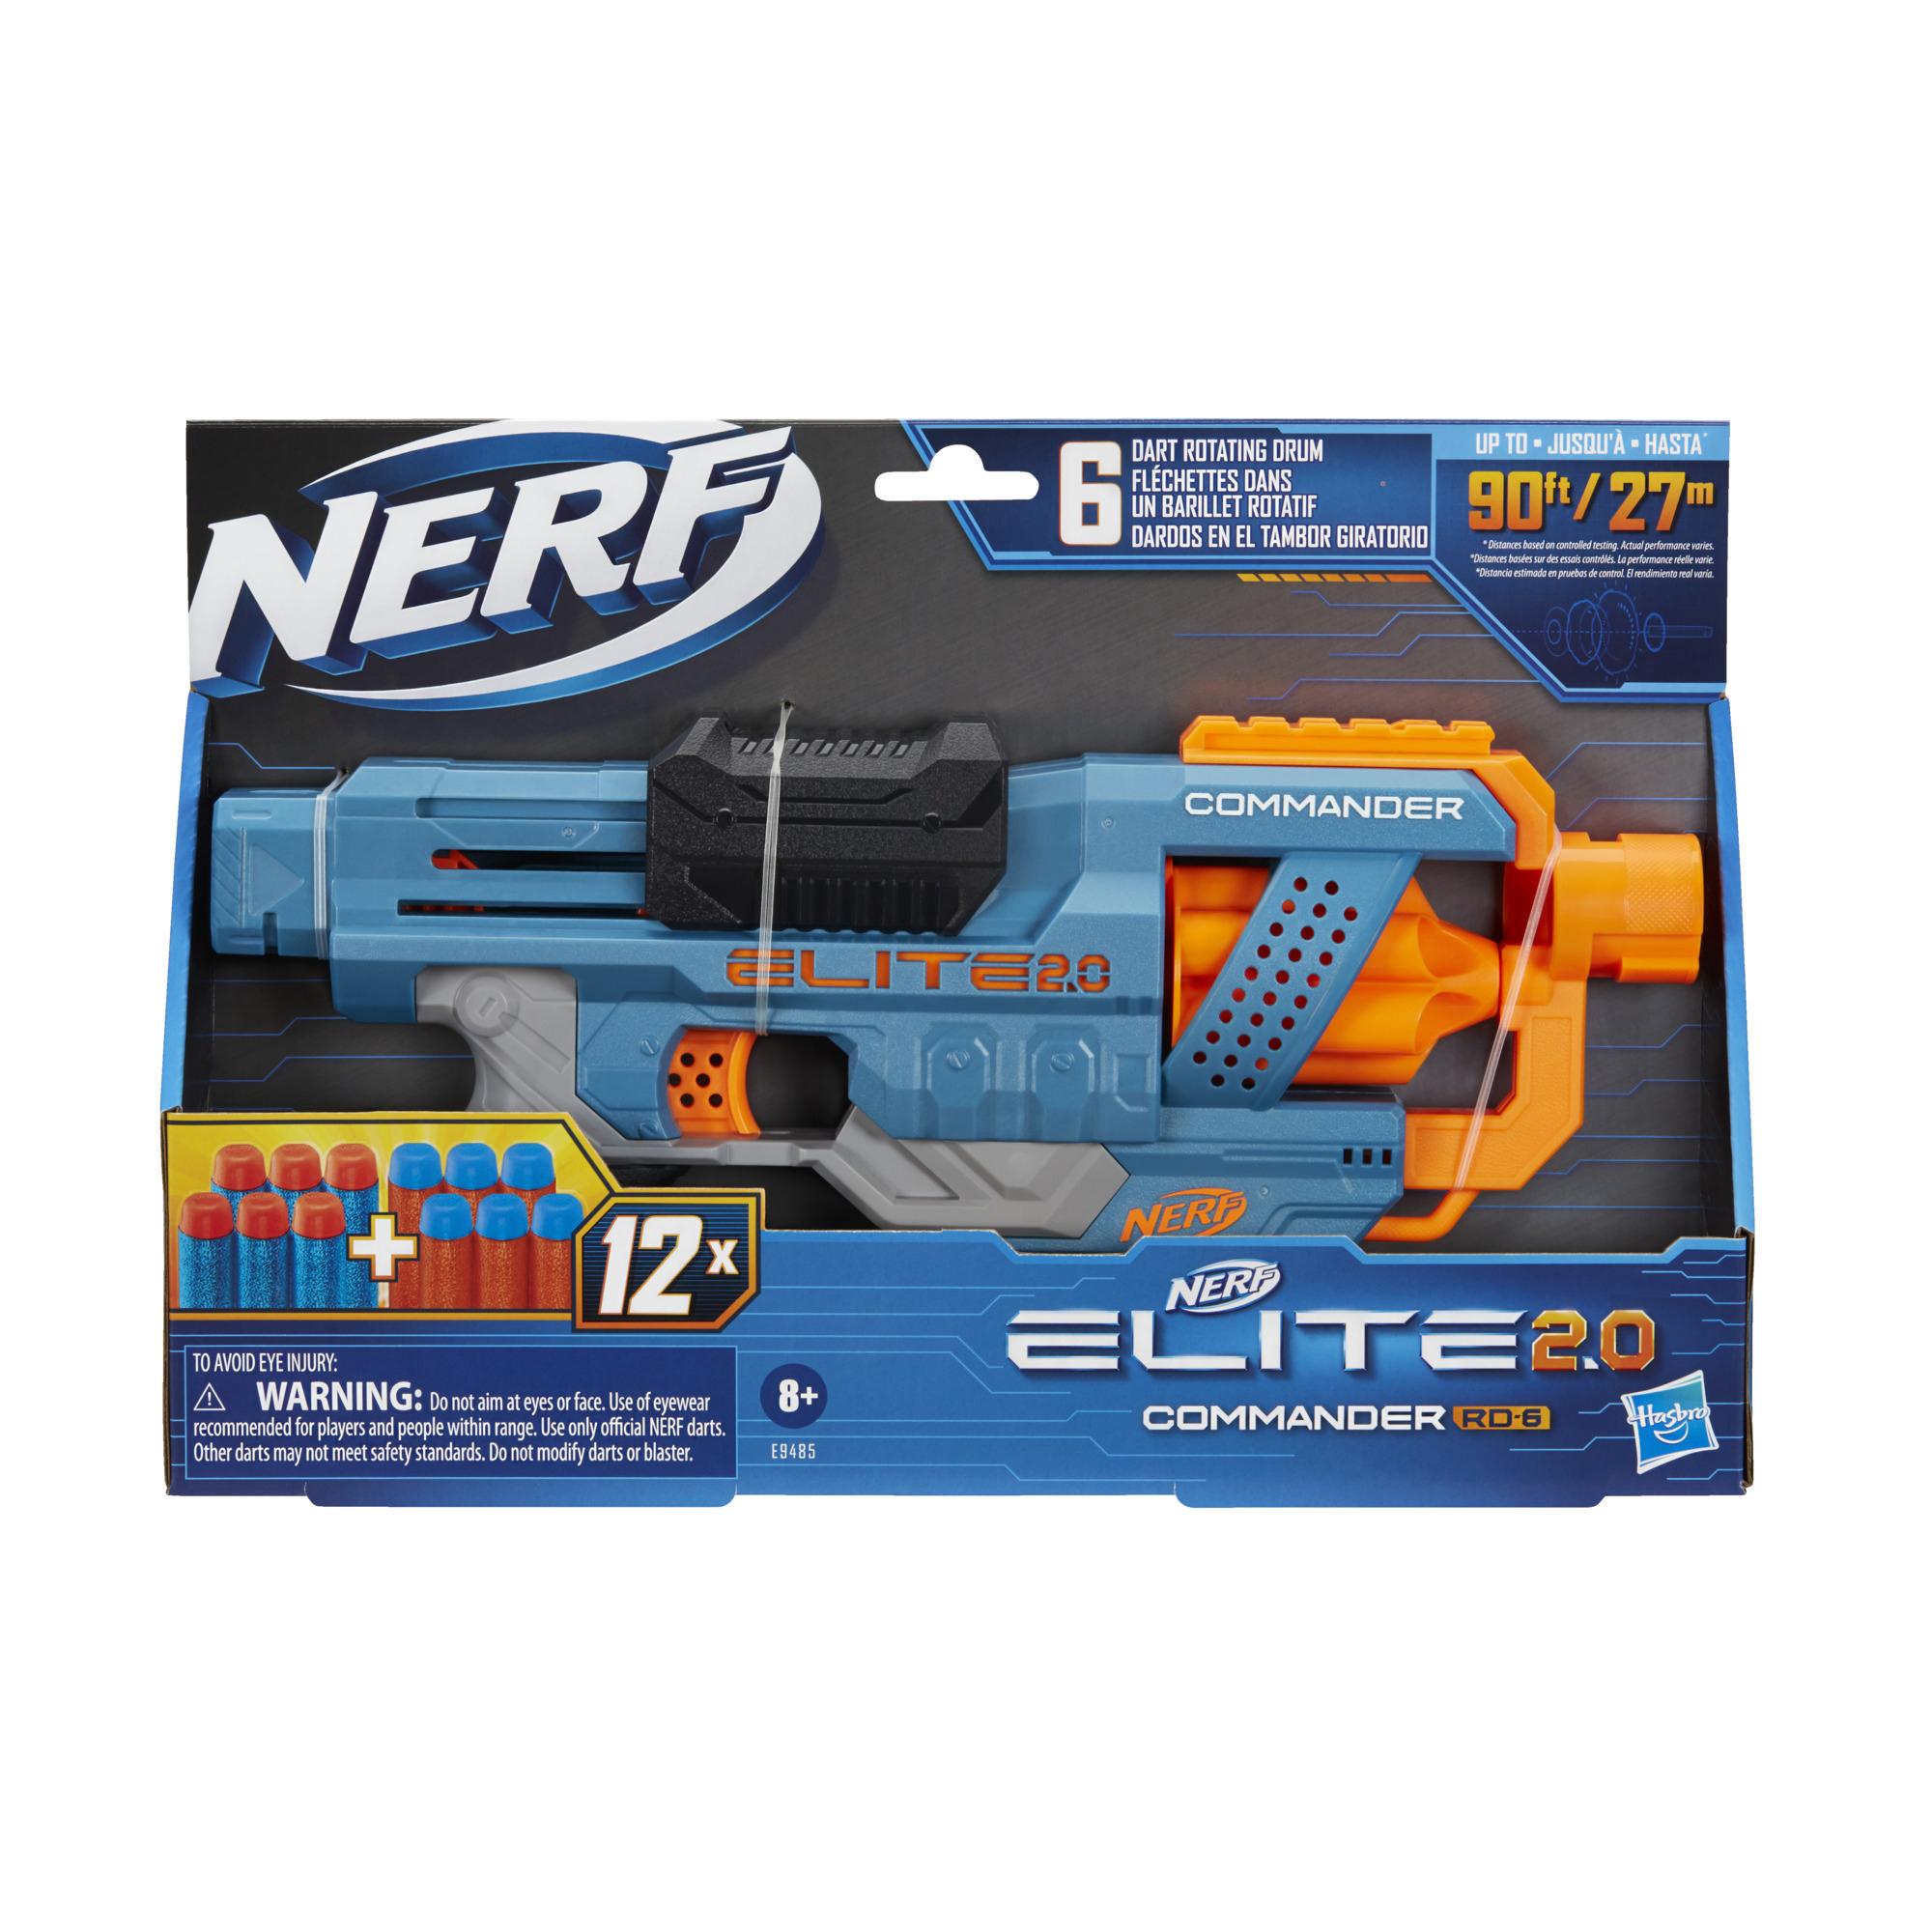 Lanzador Nerf Elite 2.0 Commander RD-6 - 12 dardos Nerf oficiales, tambor giratorio de 6 dardos, capacidad de personalización incorporada